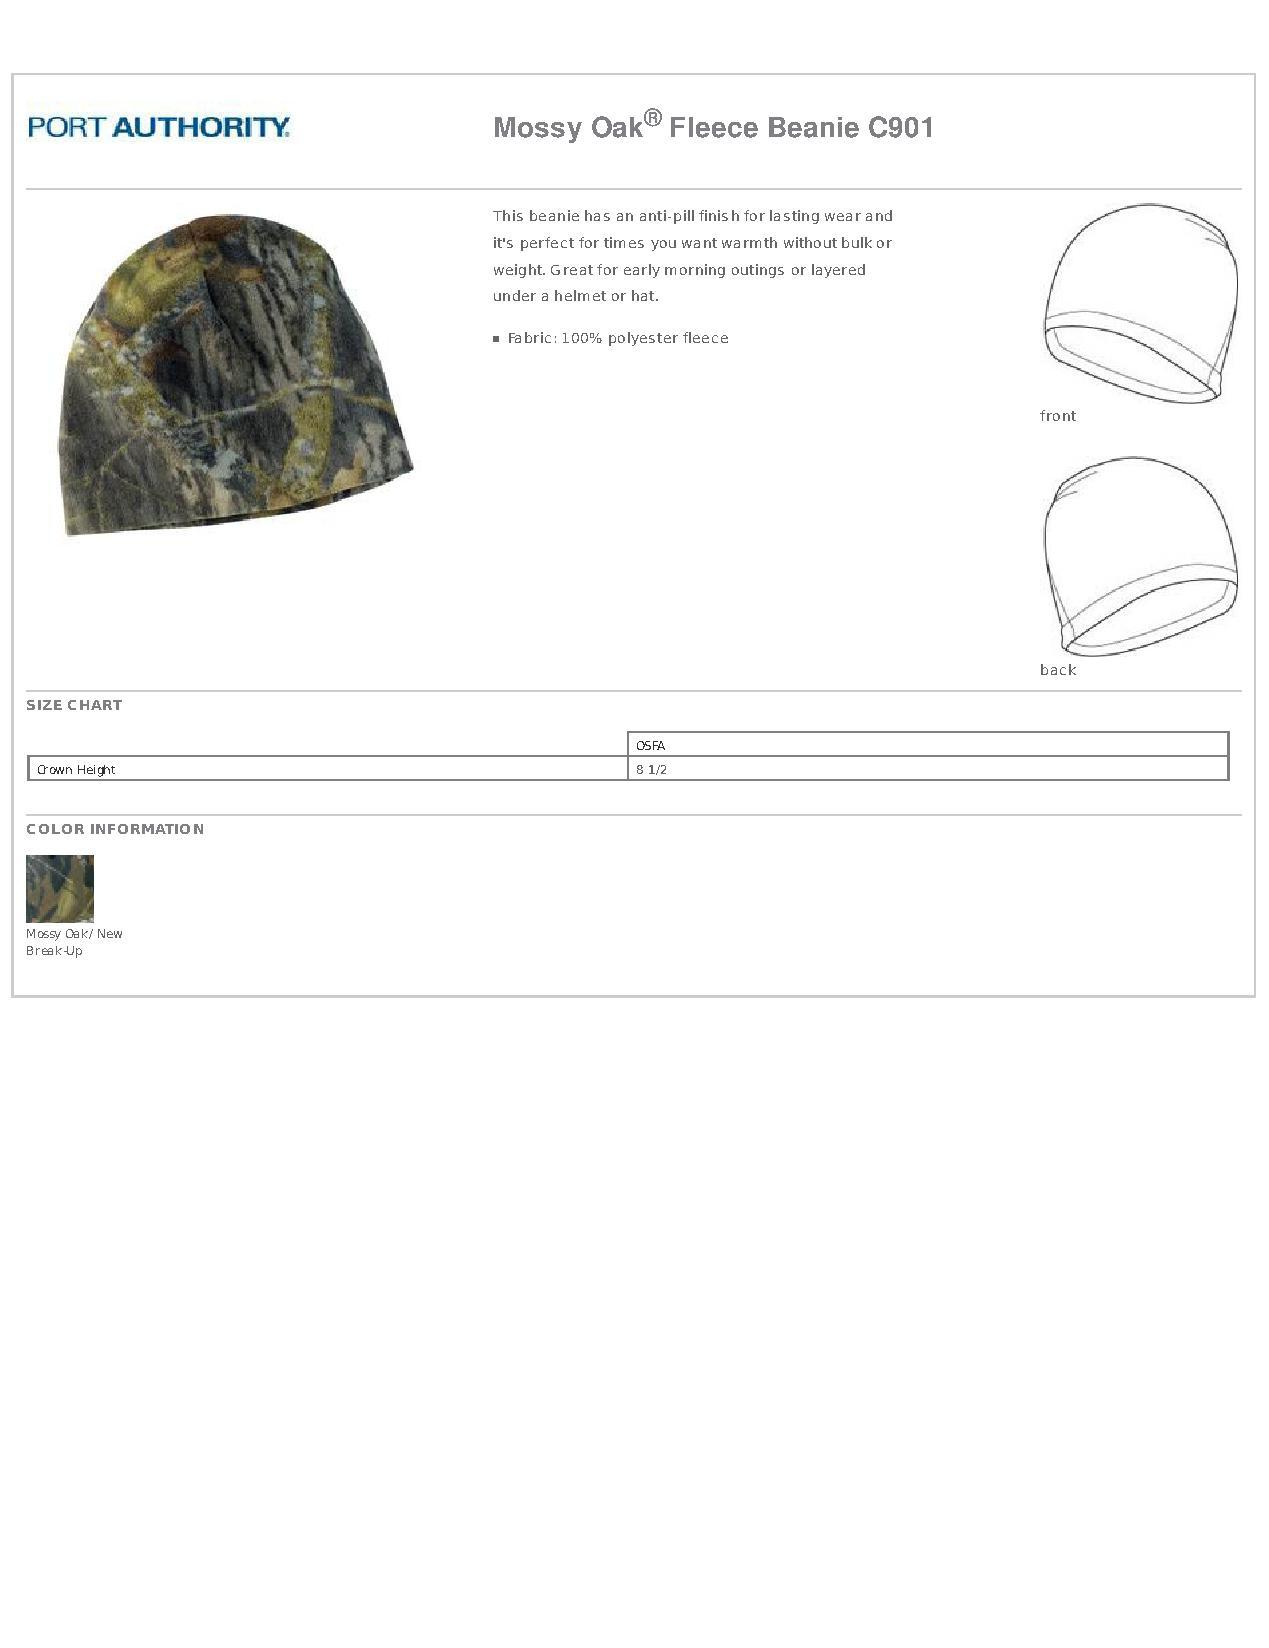 9b77589bf86 Port Authority® C901 Mossy Oak® Fleece Beanie - Headwear